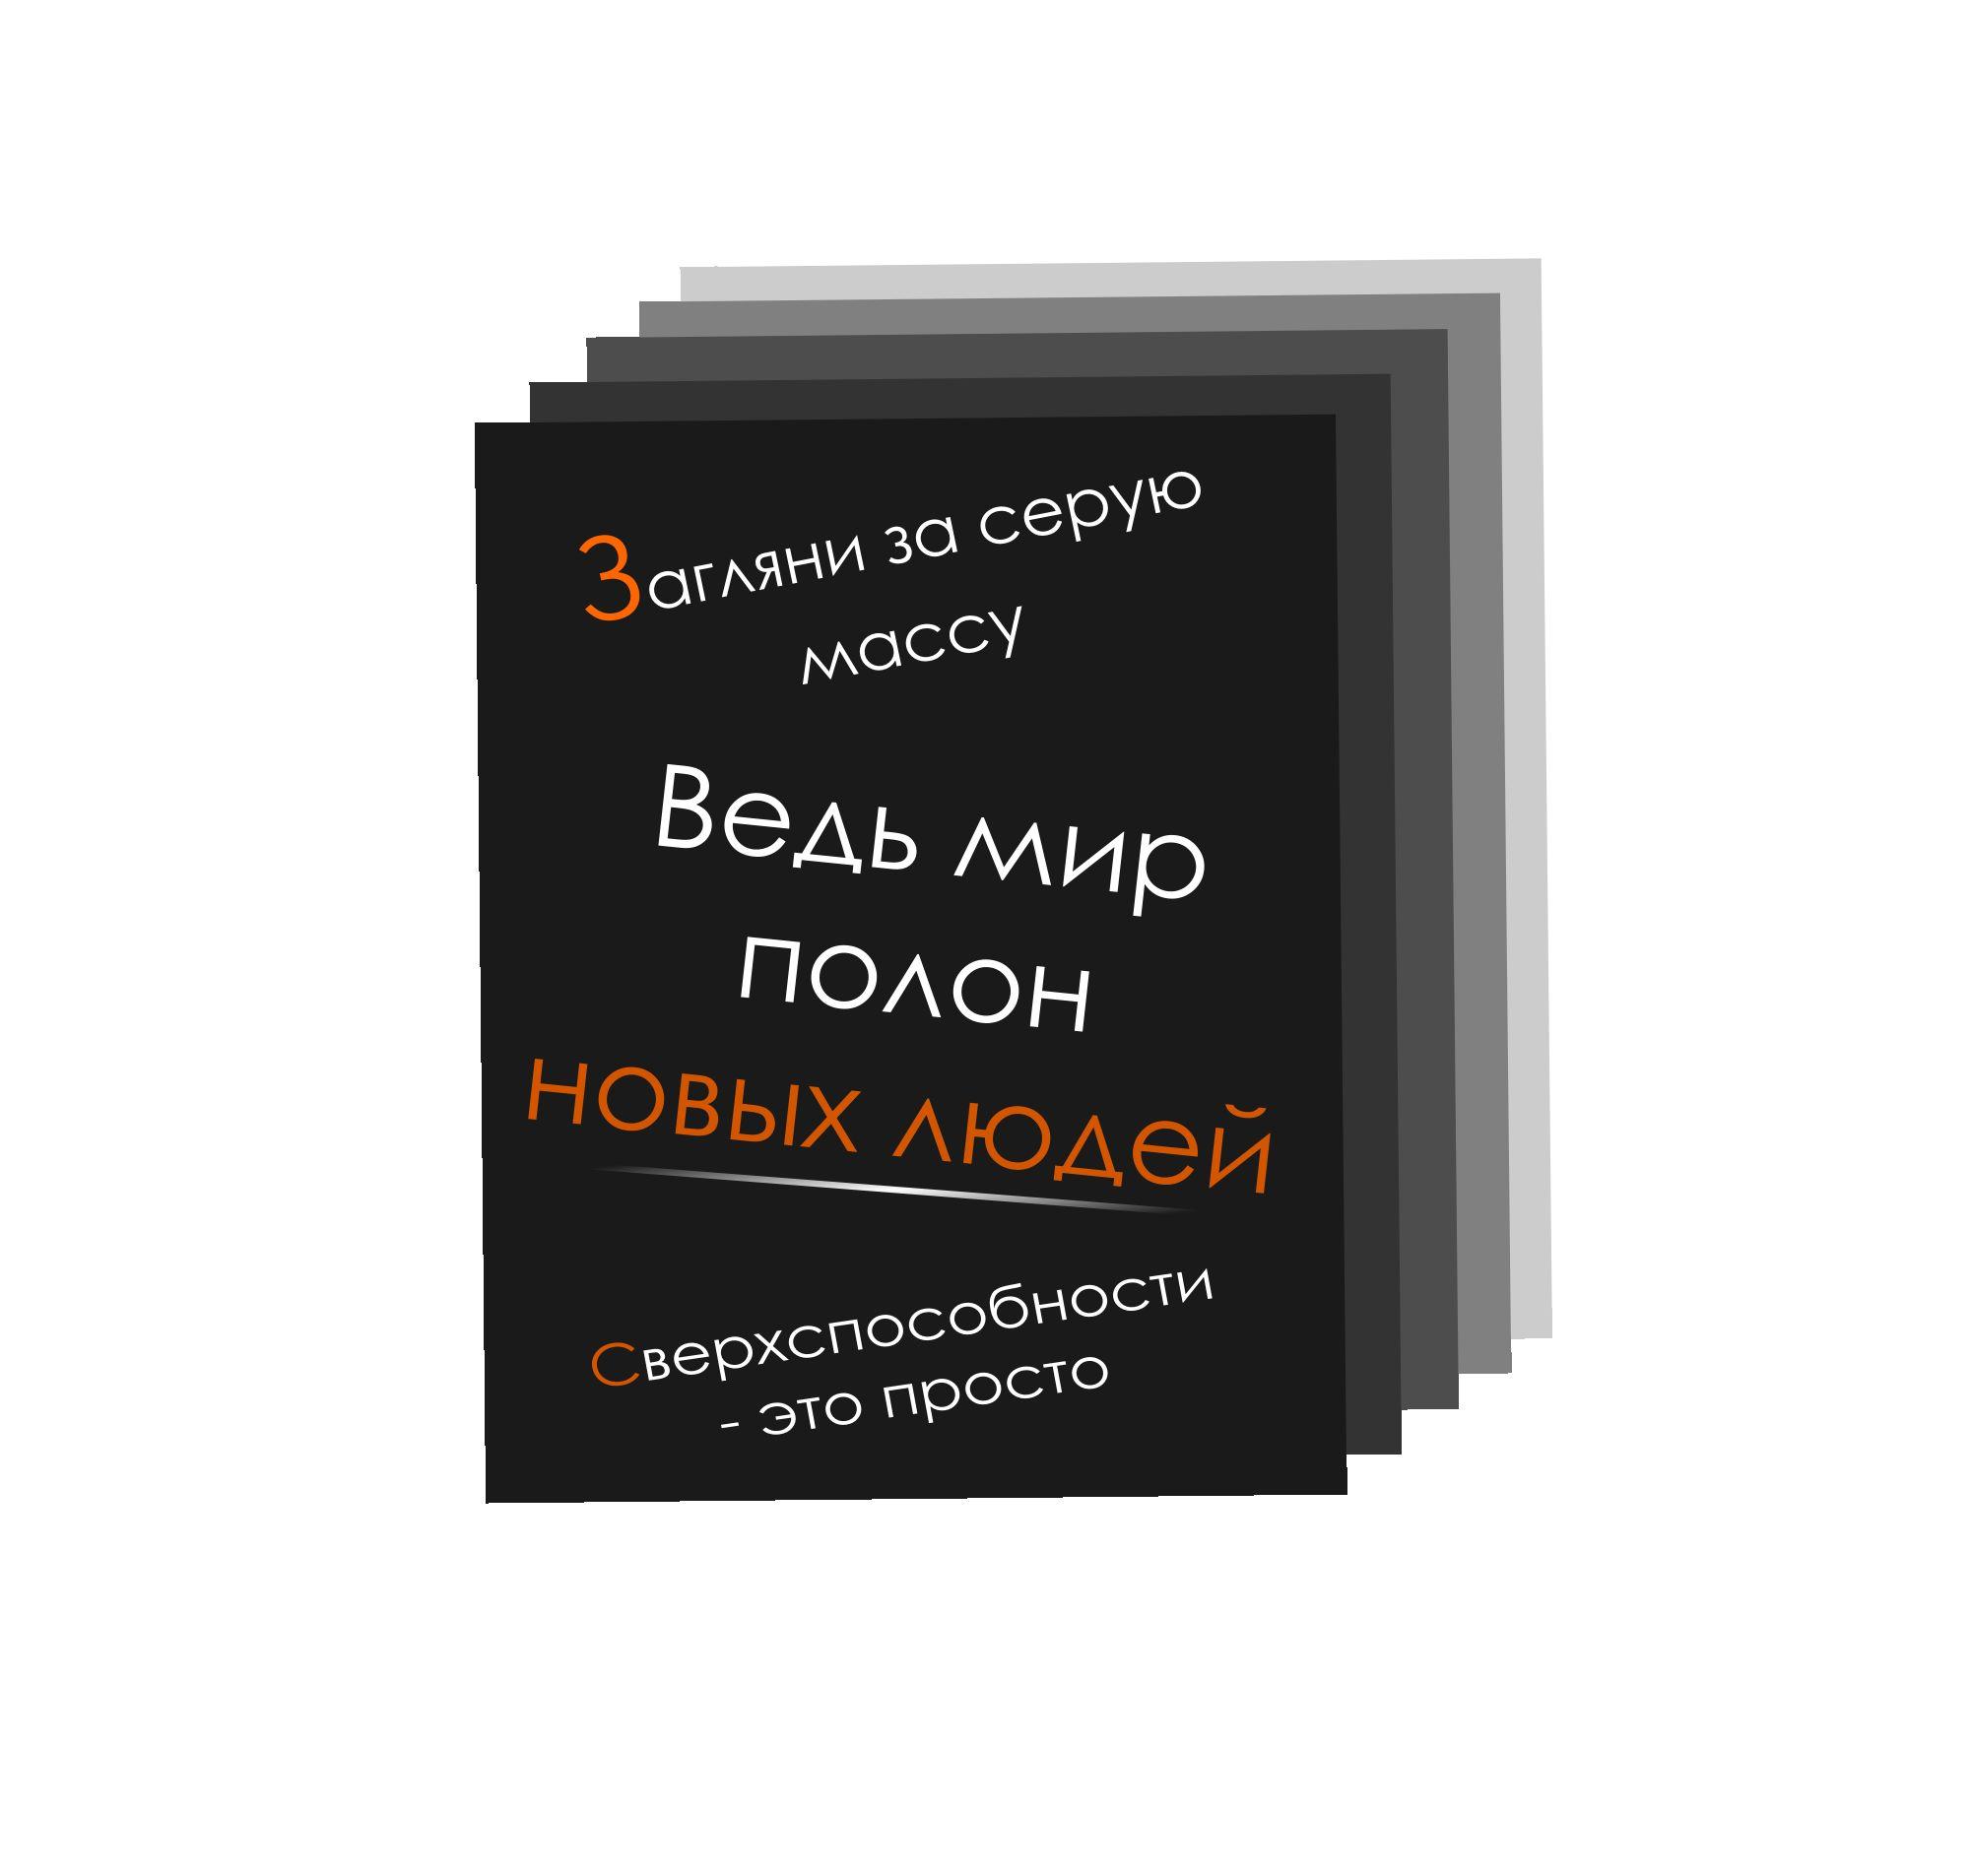 Лого и стиль тренингового центра/системы знаний - дизайнер IlyaKU